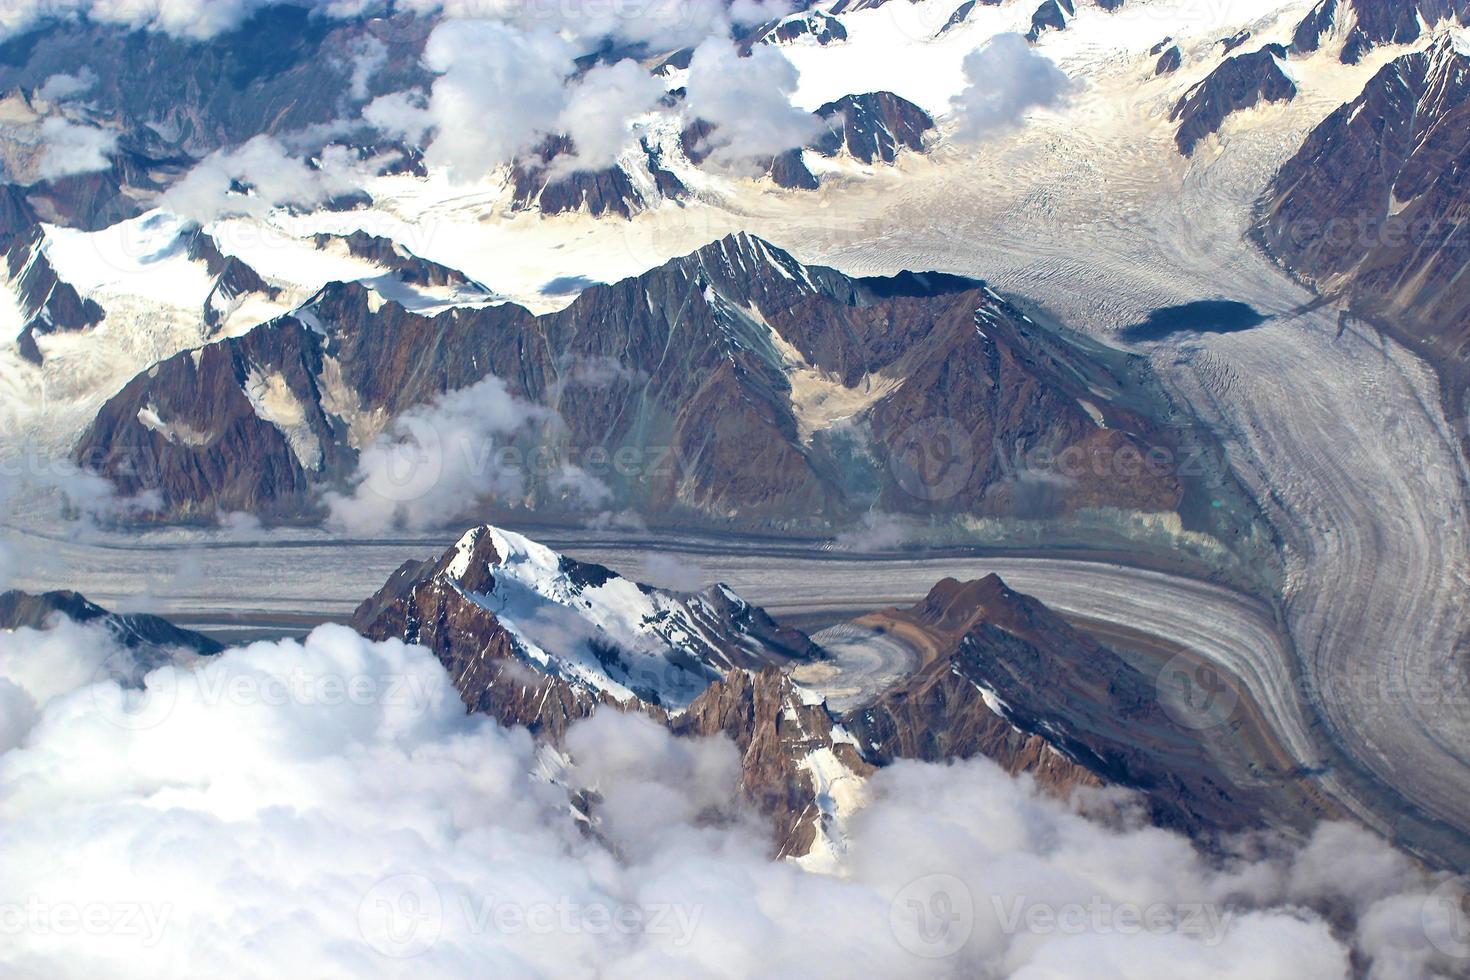 utsikt från himlen på ett berglandskap foto